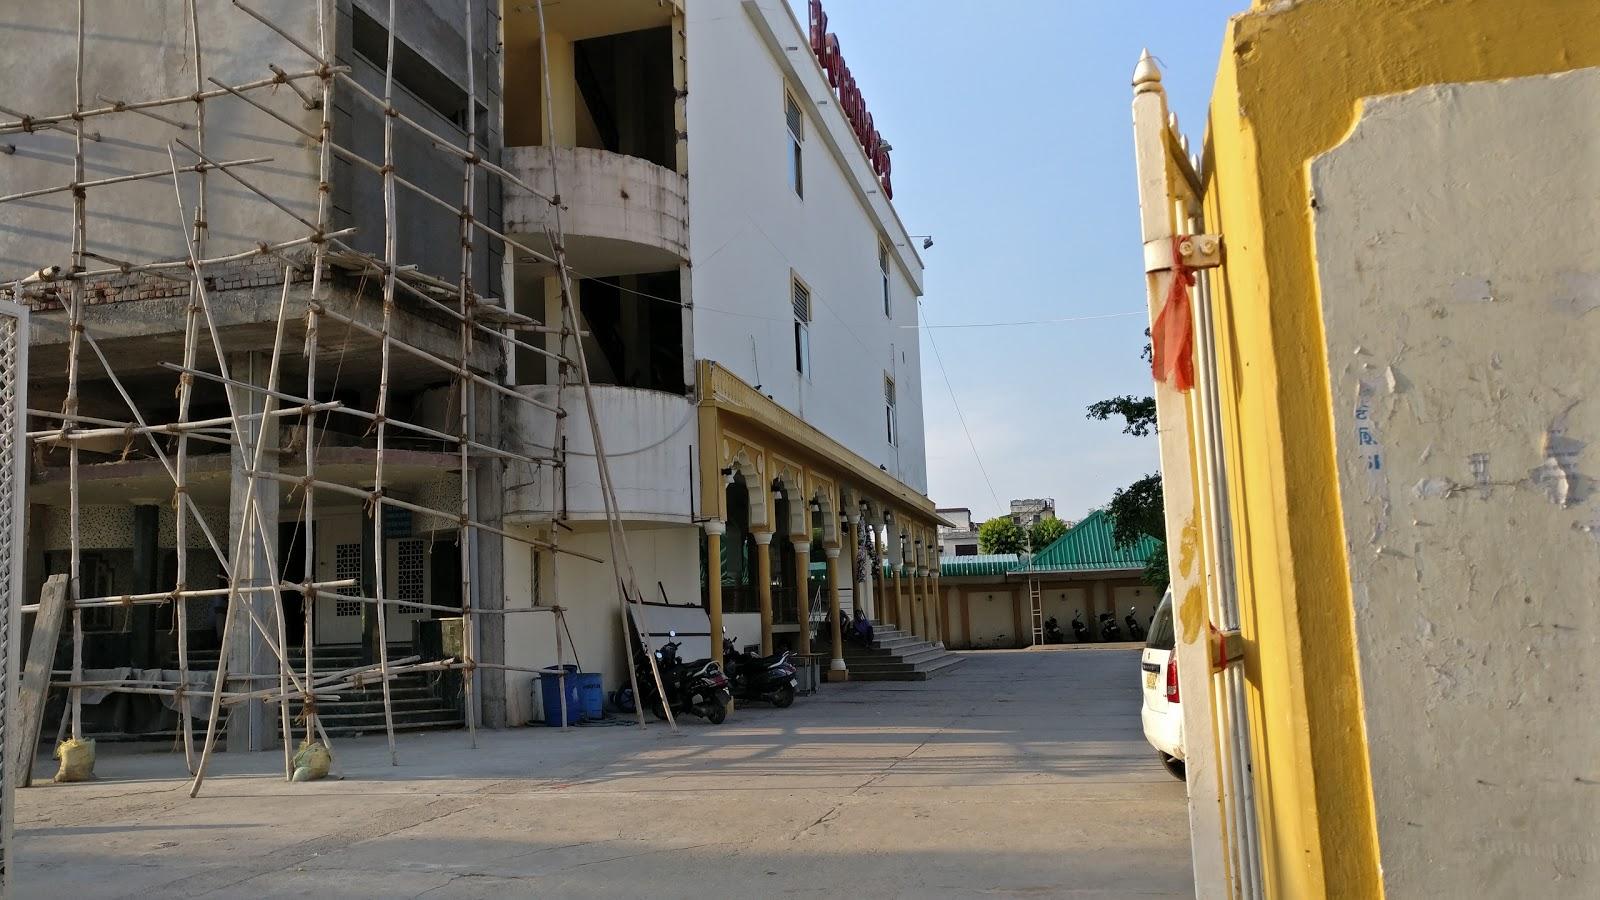 Kohinoor Cinema